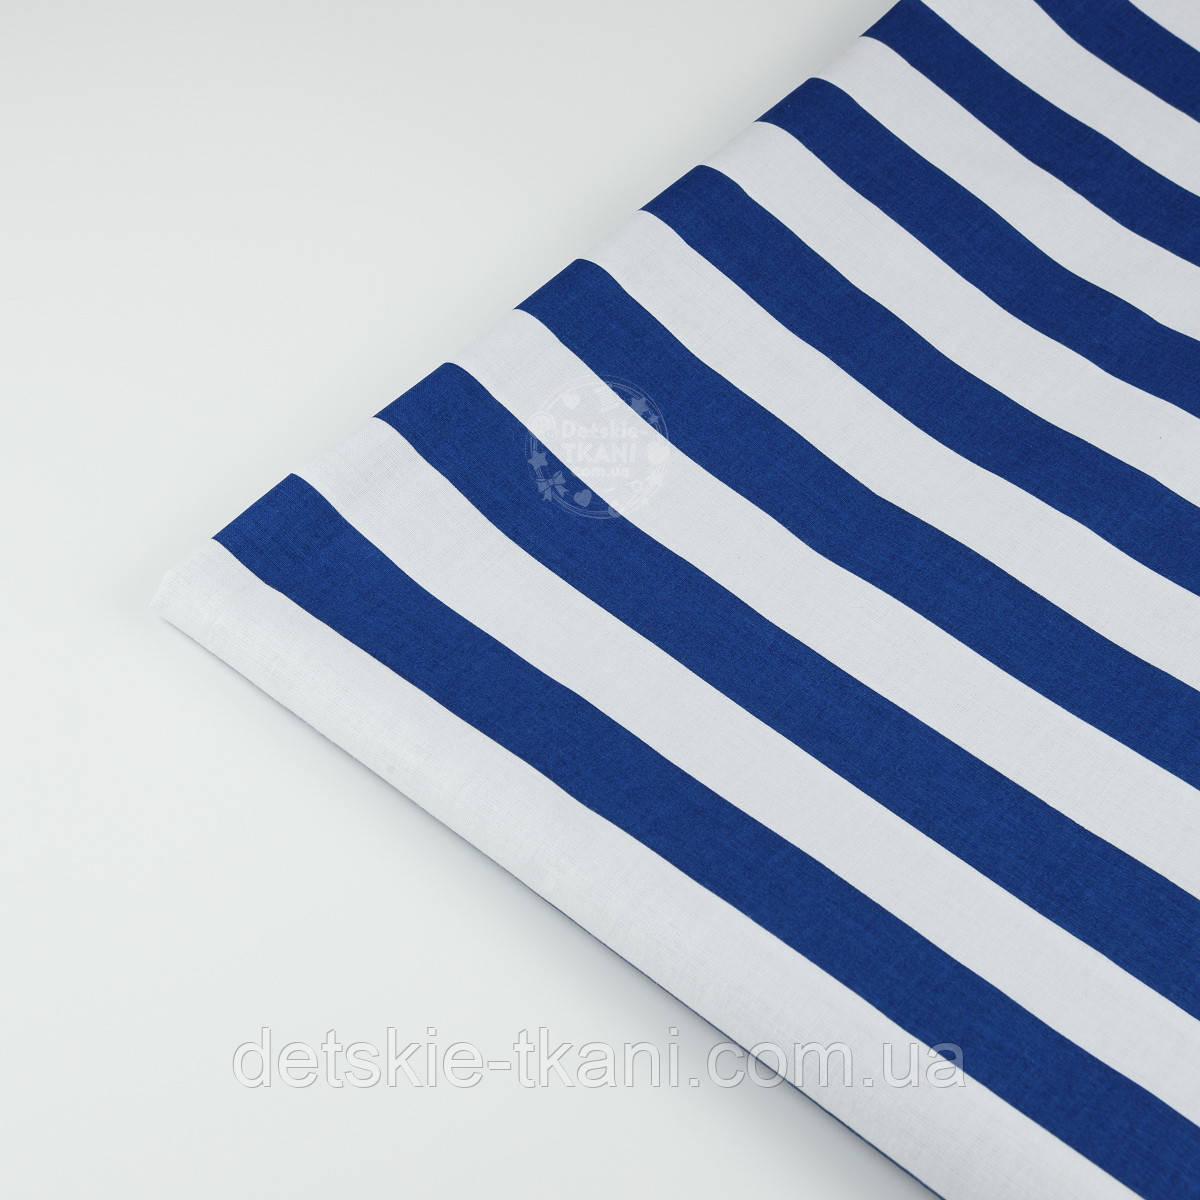 Отрез ткани синей полоской 25 мм на белом №1346